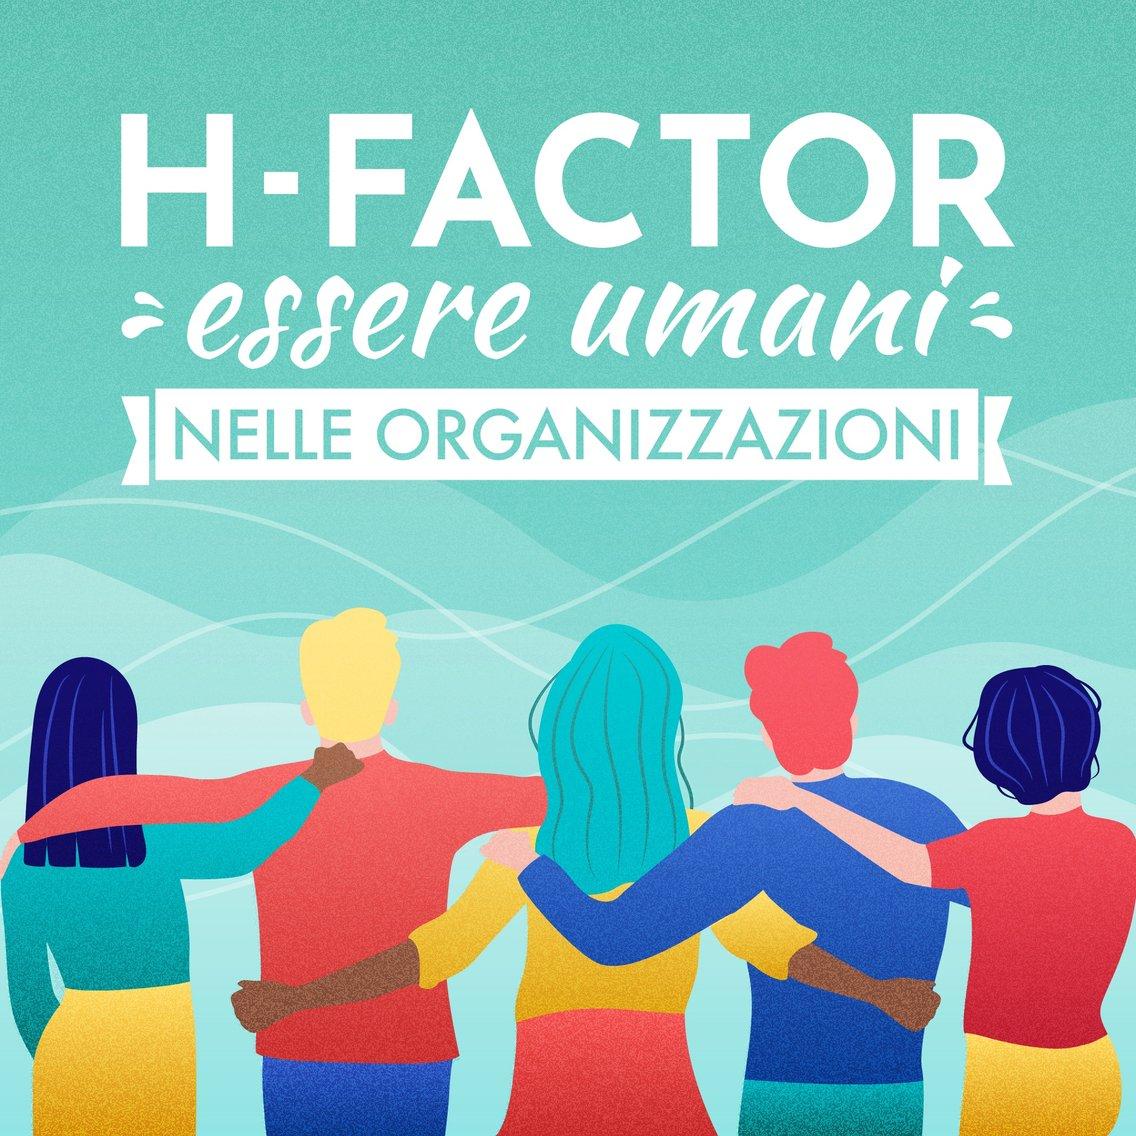 H-factor - essere umani nelle organizzazioni - Cover Image